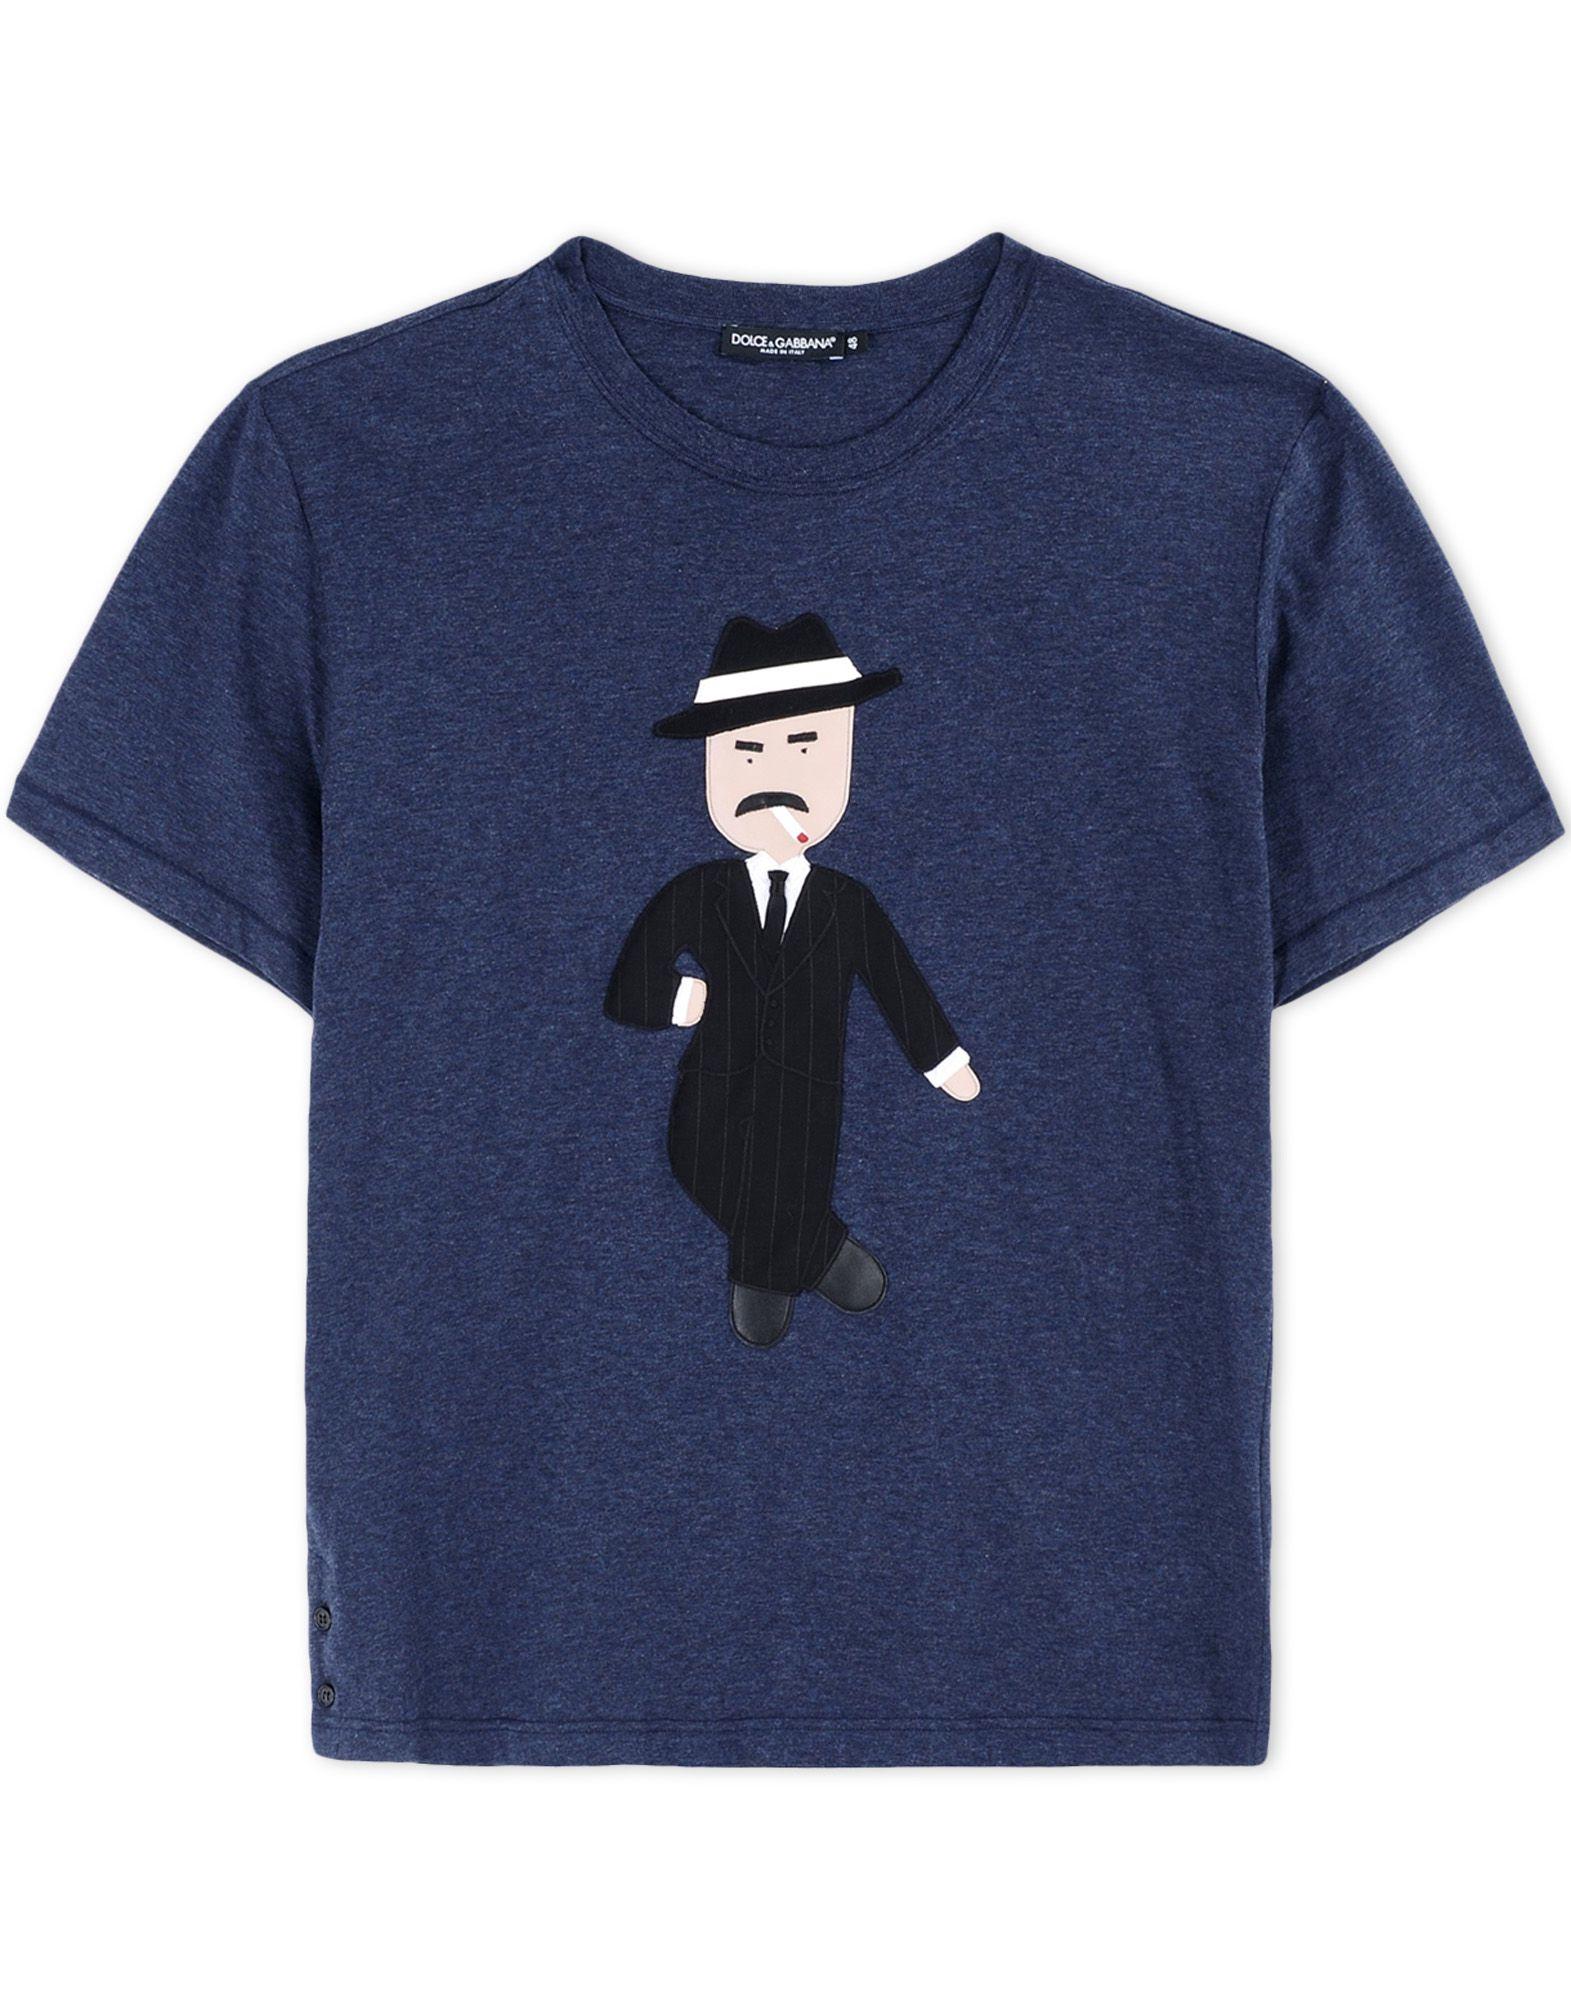 dolce gabbana short sleeve t shirt in blue for men. Black Bedroom Furniture Sets. Home Design Ideas